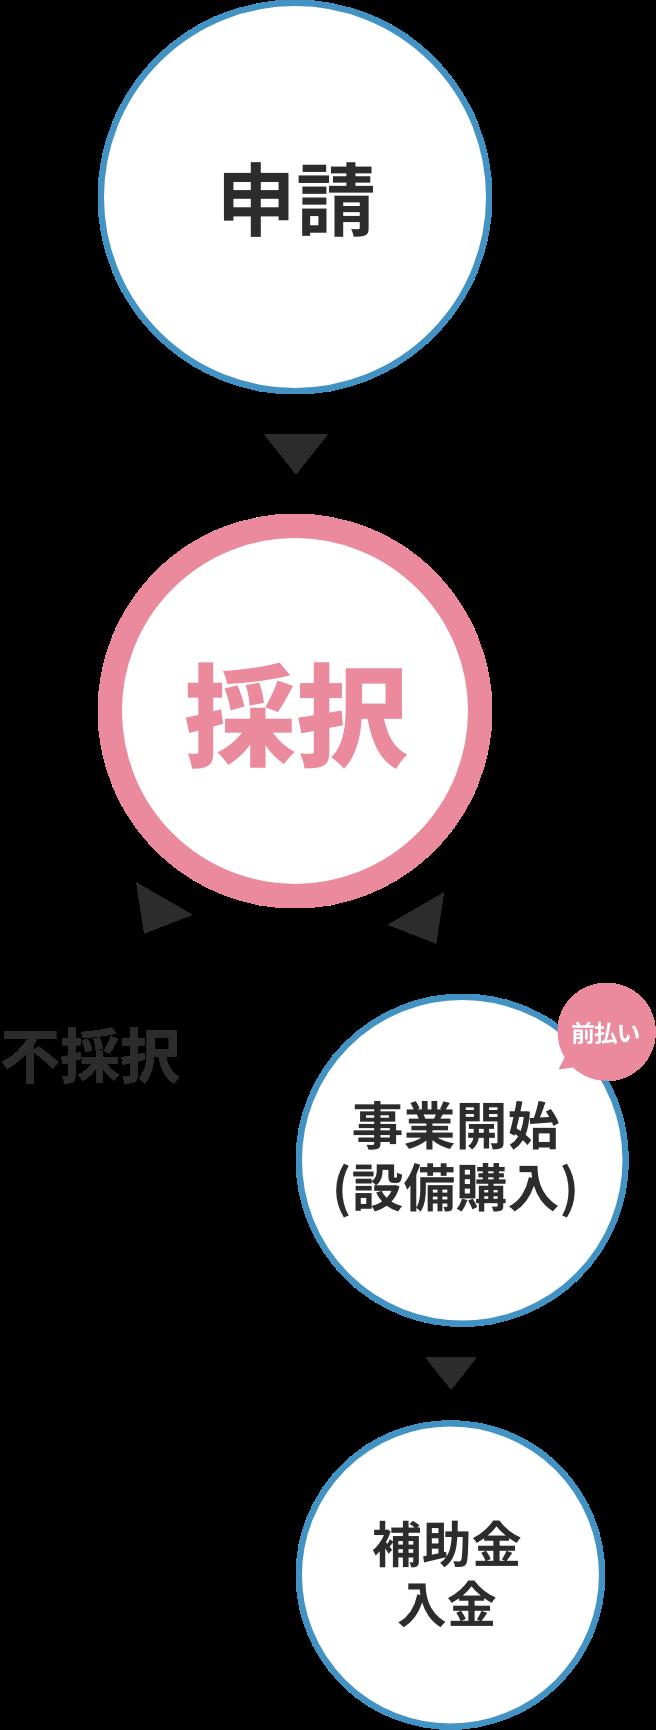 申請→採択→事業開始(設備購入)前払い→補助金入金